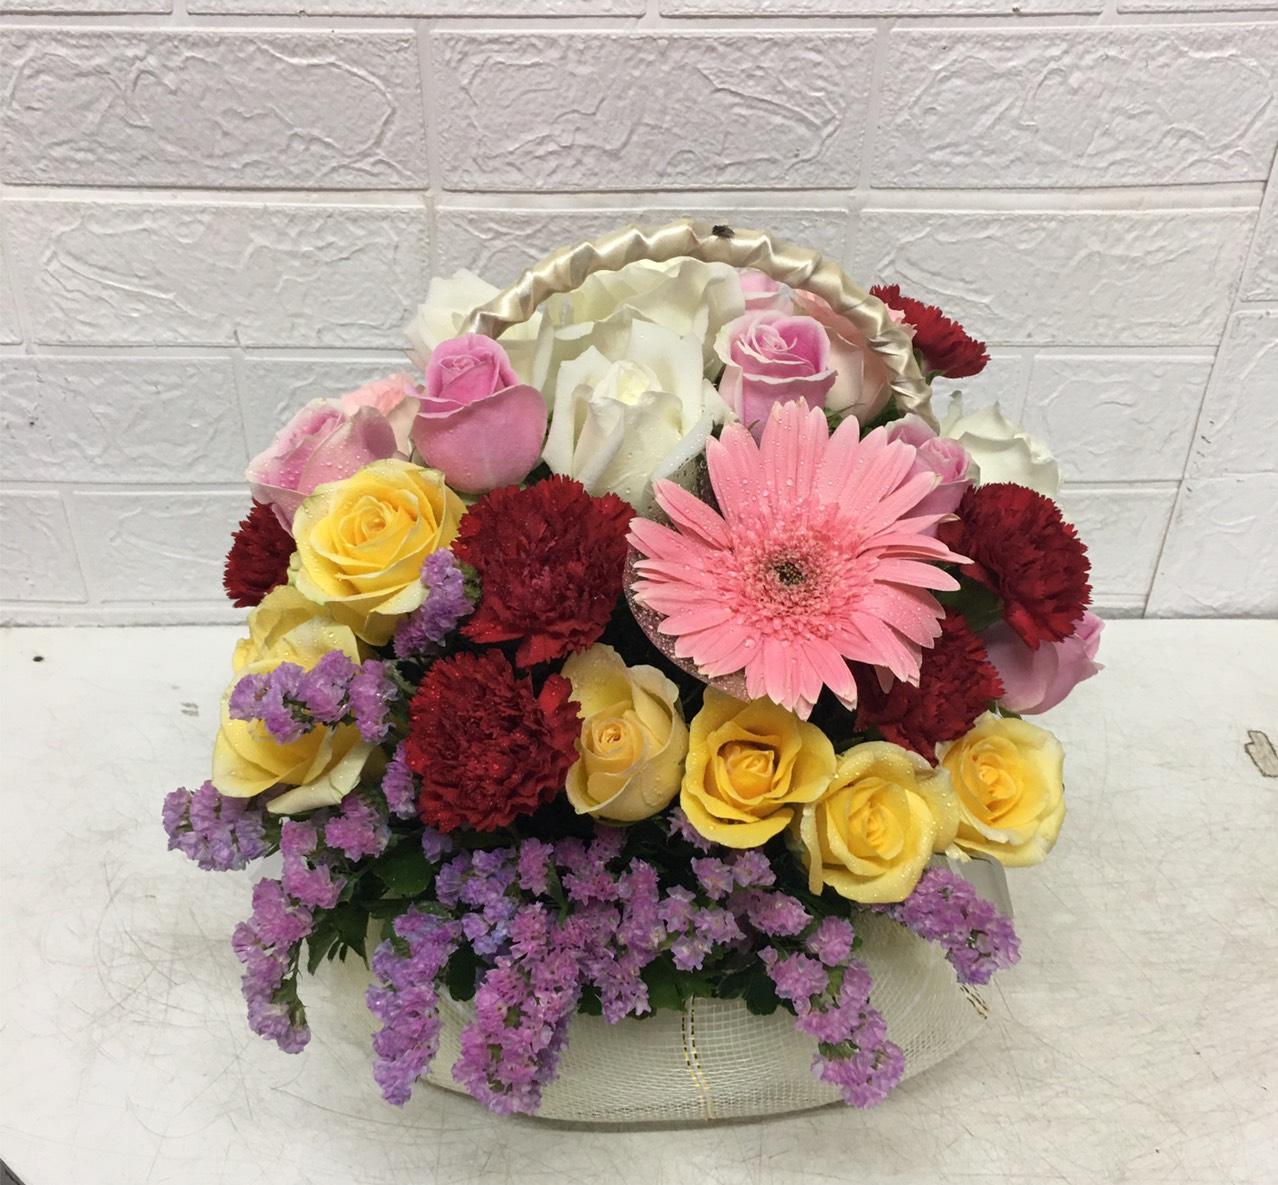 กระเช้าดอกไม้โทนสีชมพู-เหลือง-ม่วง สีสันสดใส ประกอบไปด้วยดอกกุหลาบ คาร์เนชั่น  เยอบีร่า และ สแตติส